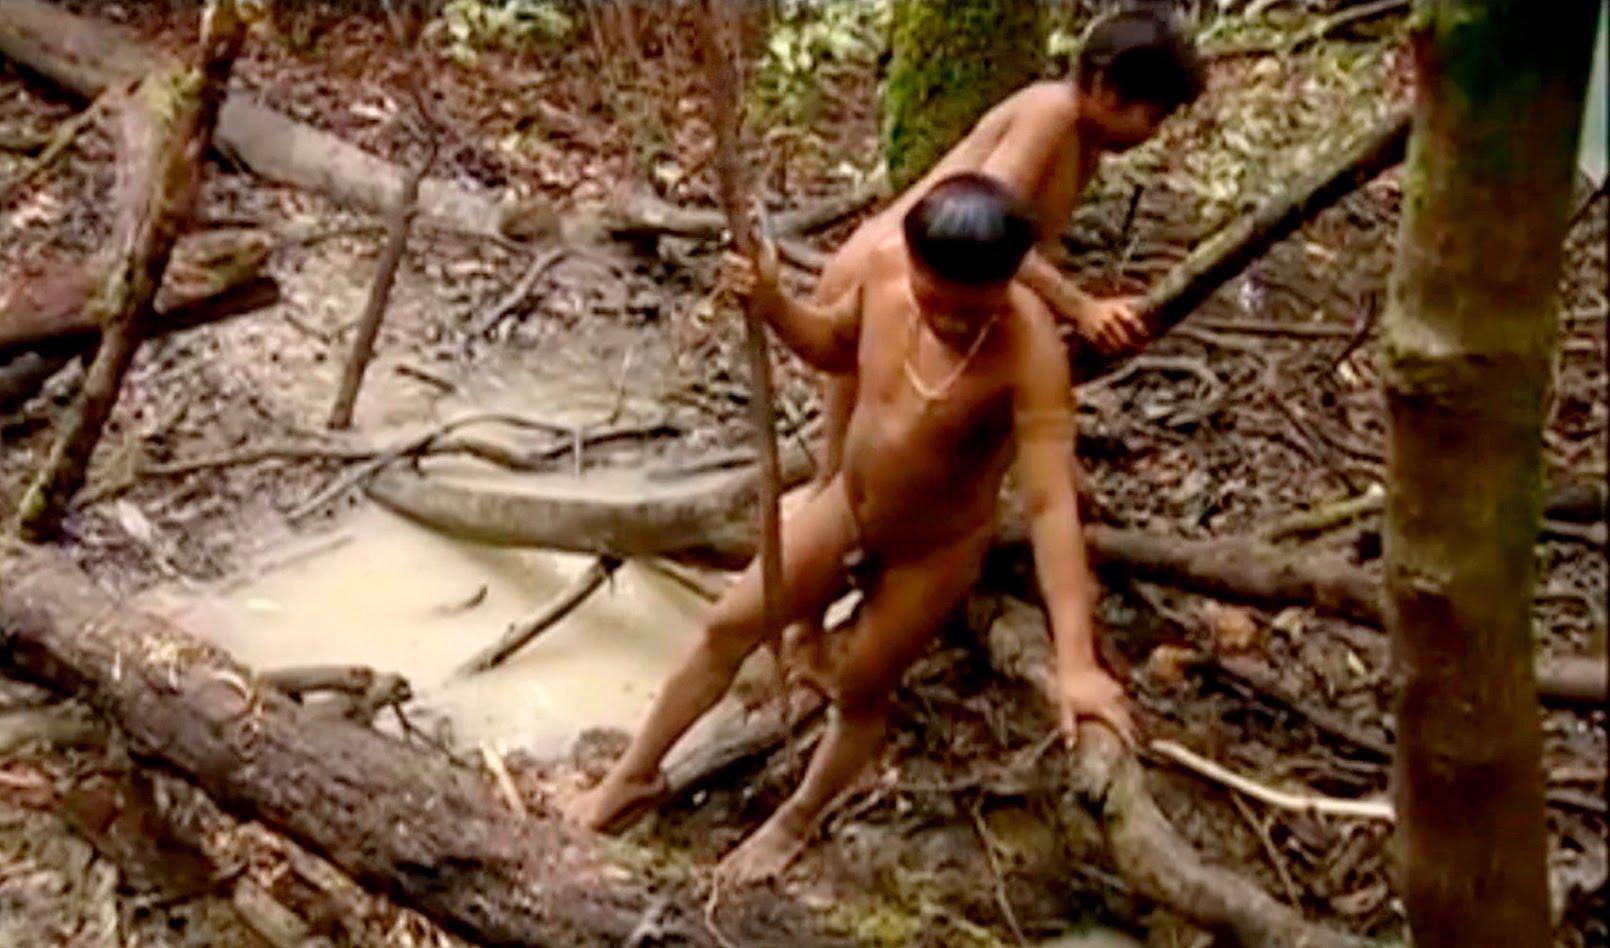 The Korubos fishing an eel